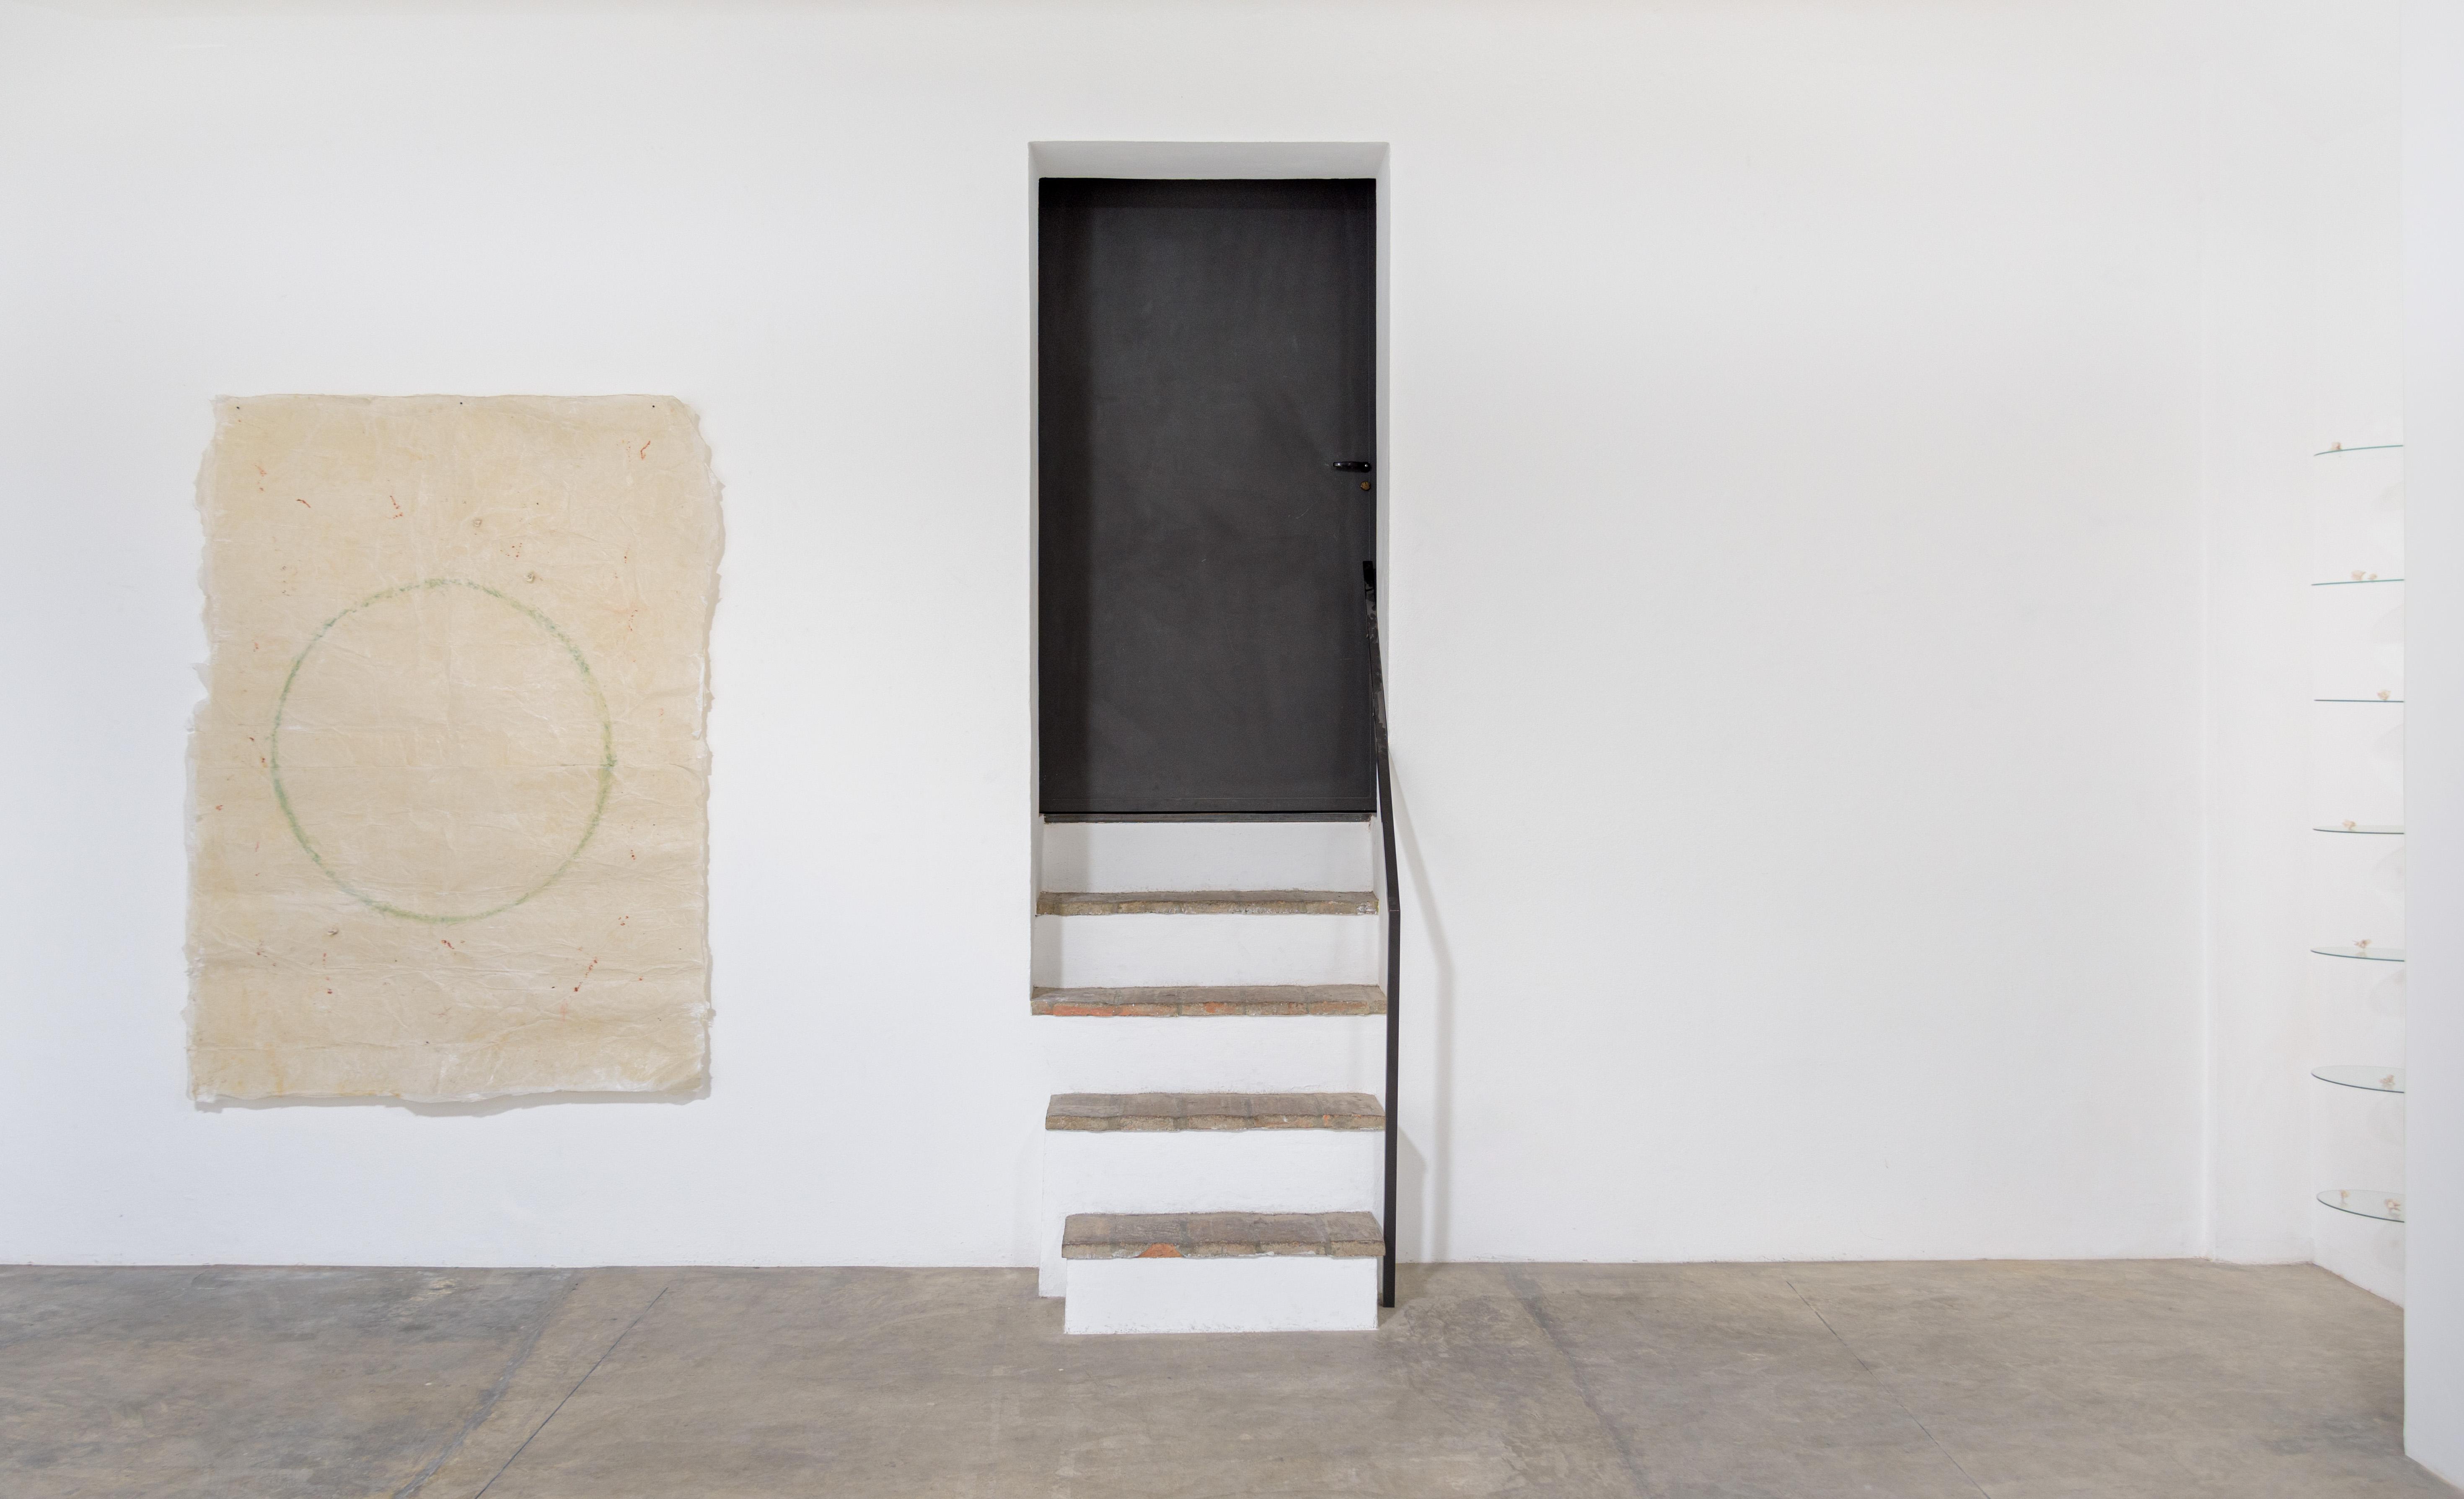 Gregorio Botta | Breathe out con un testo di Marinella Paderni